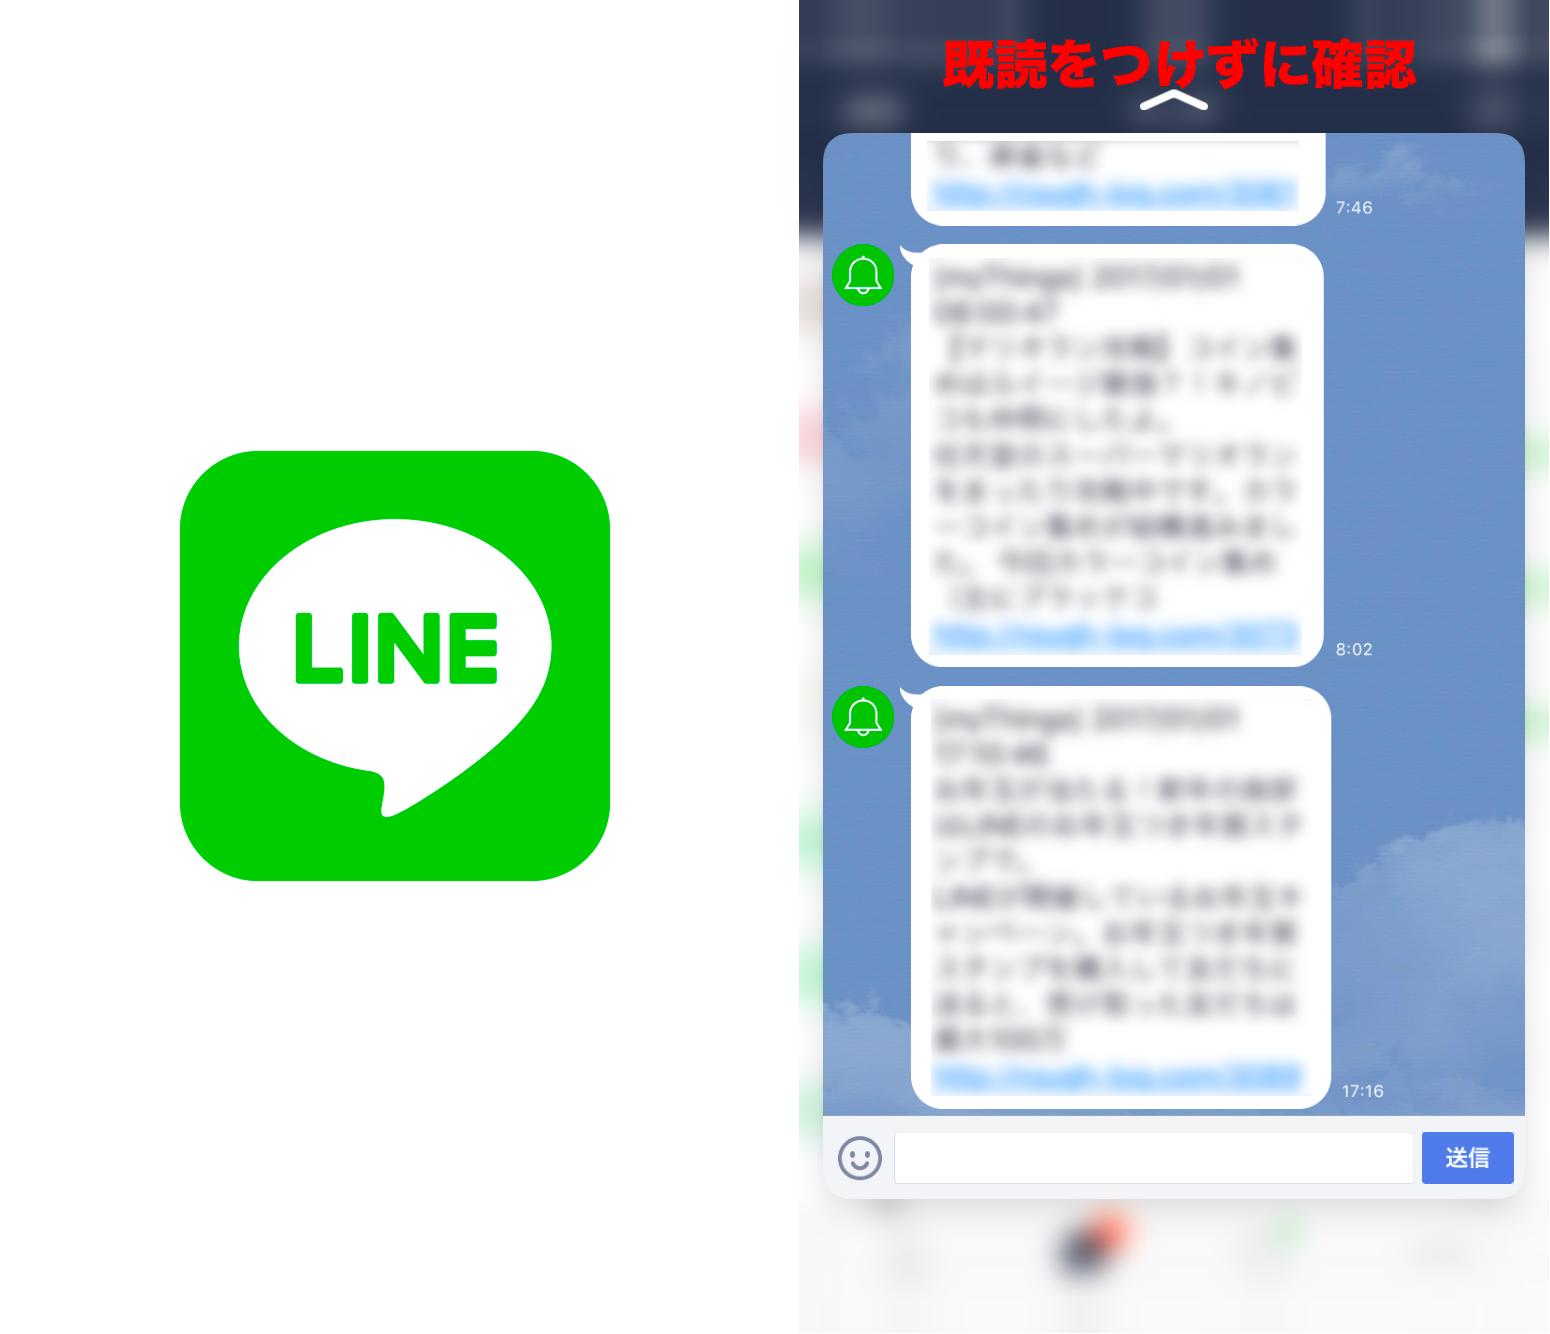 LINE(ライン)で「既読」をつけずにトークを確認する方法|iPhone活用術